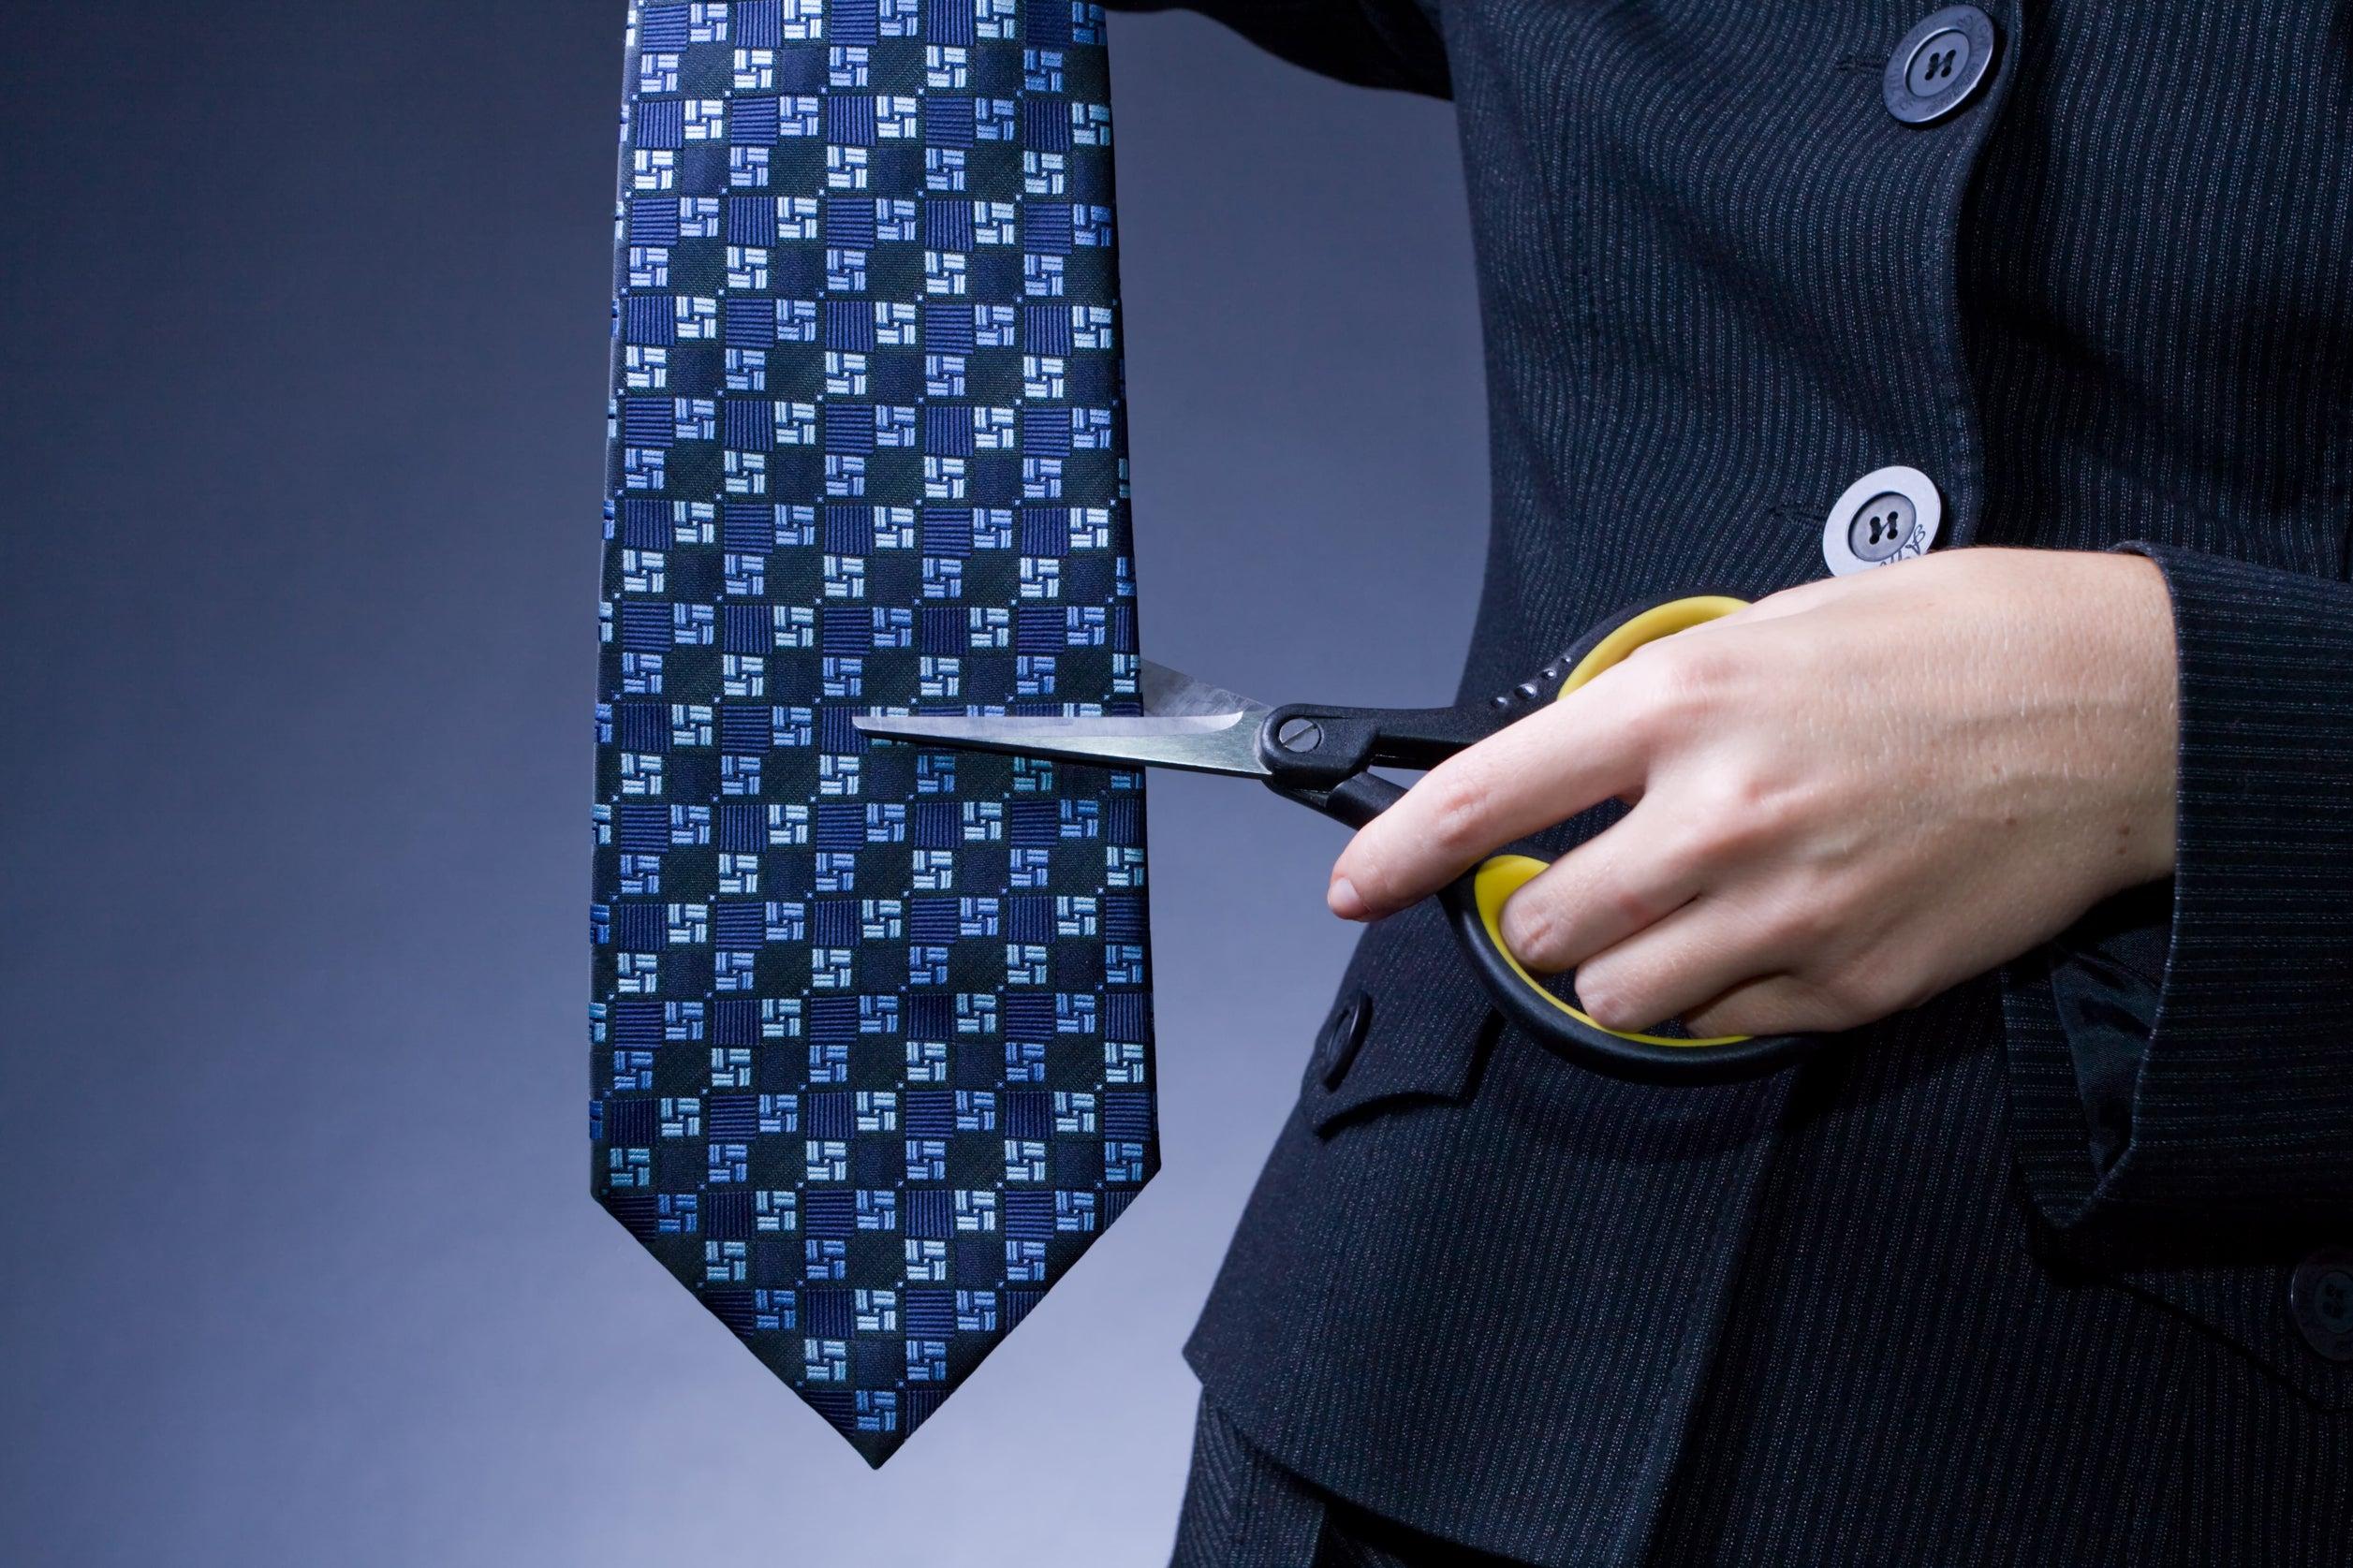 Режет ножницами одежду порно 24 фотография